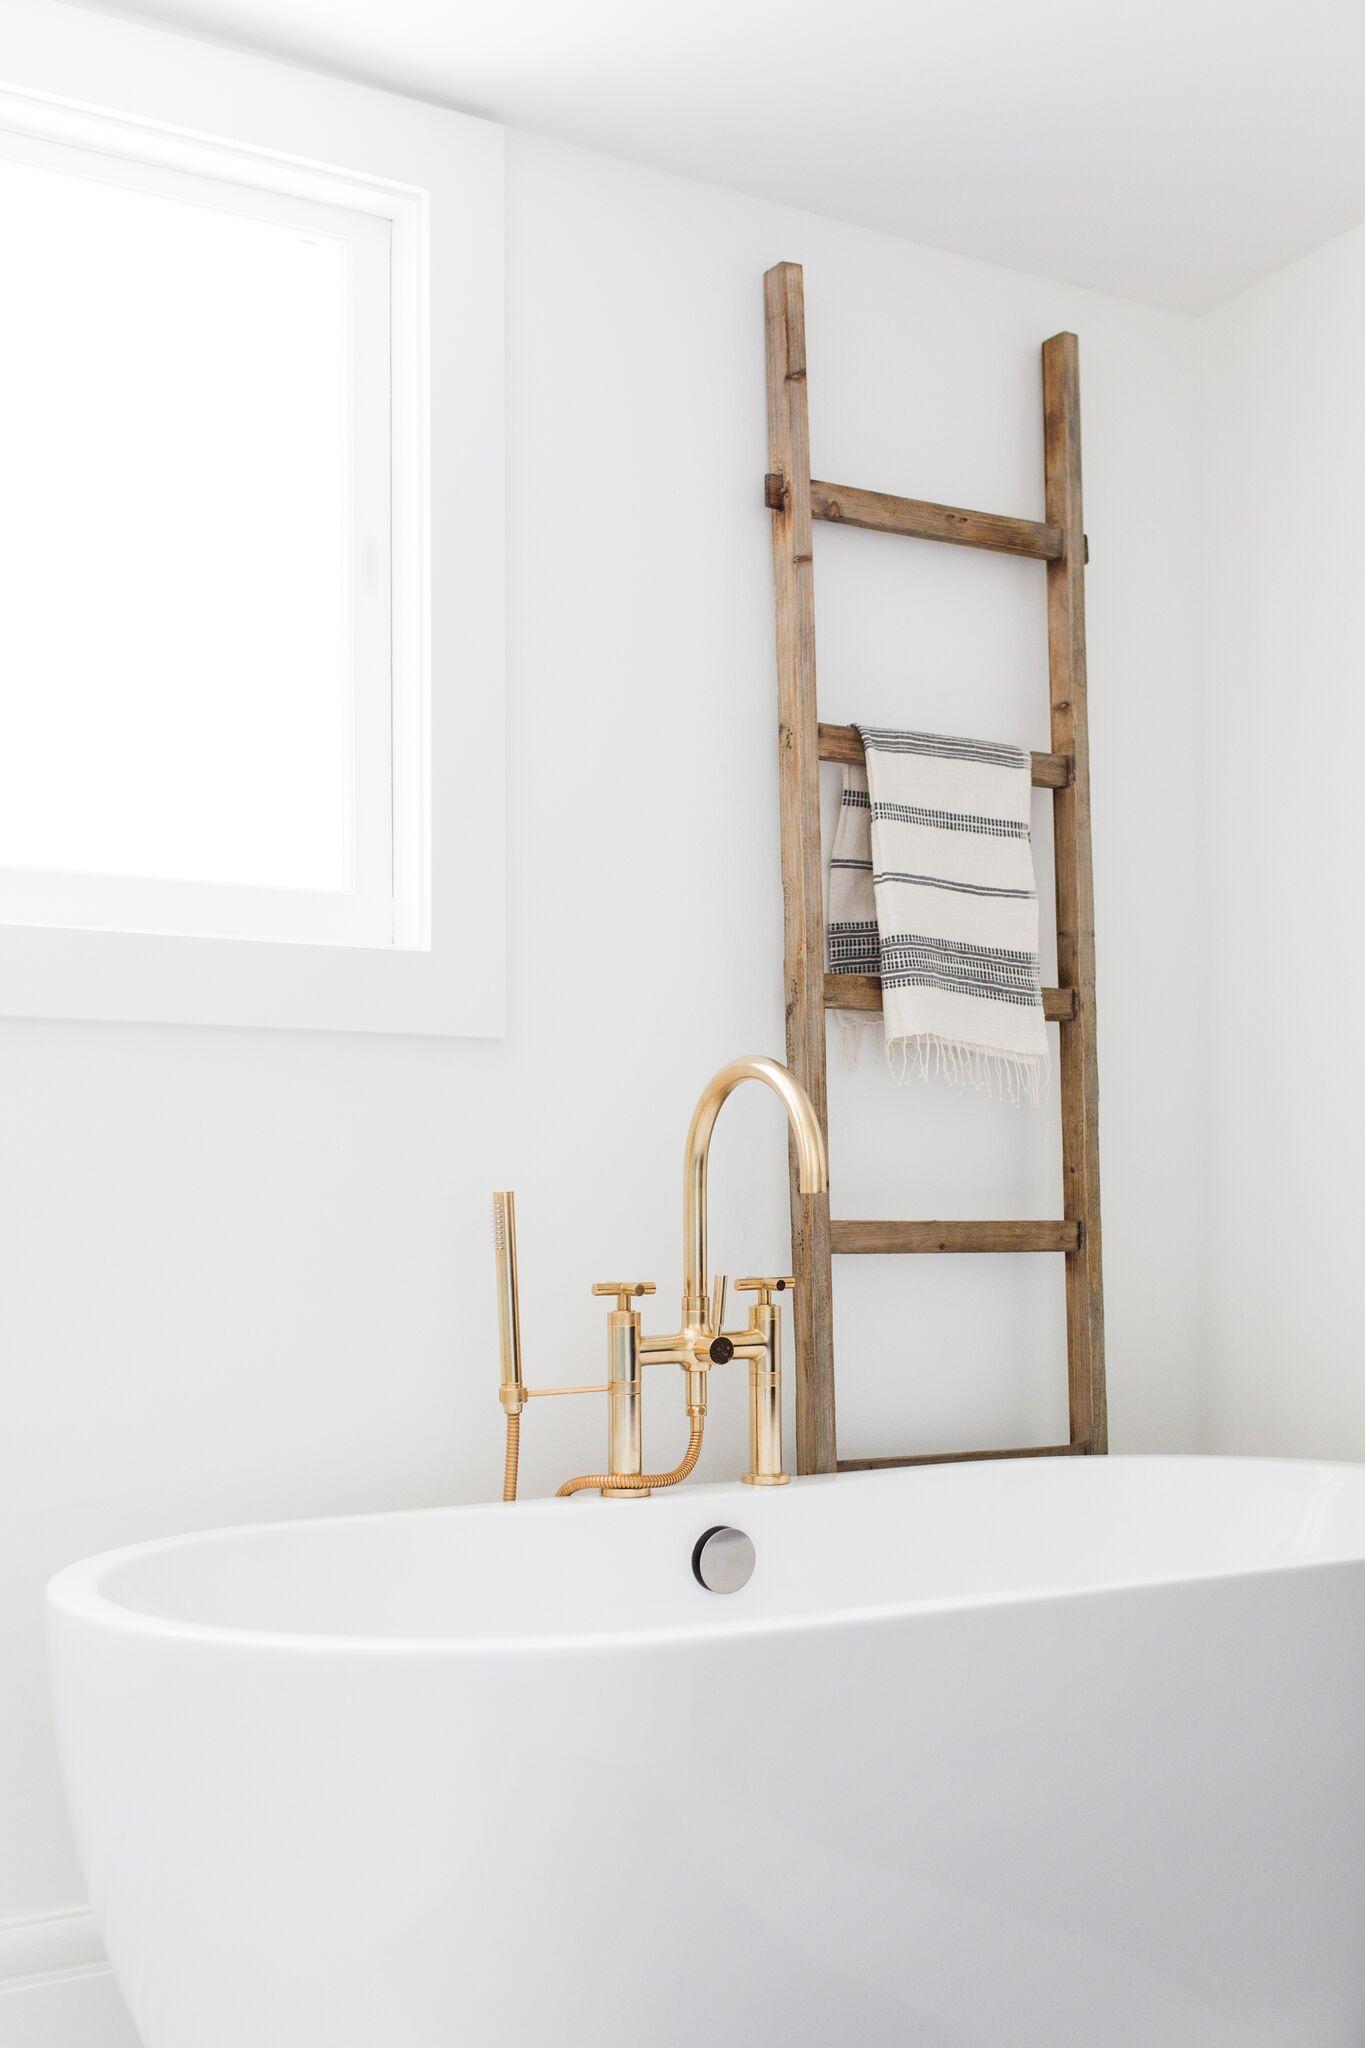 Badkamer assecoires hout badkamer ontwerp idee n voor uw huis samen met meubels - Badkamer inrichting ...